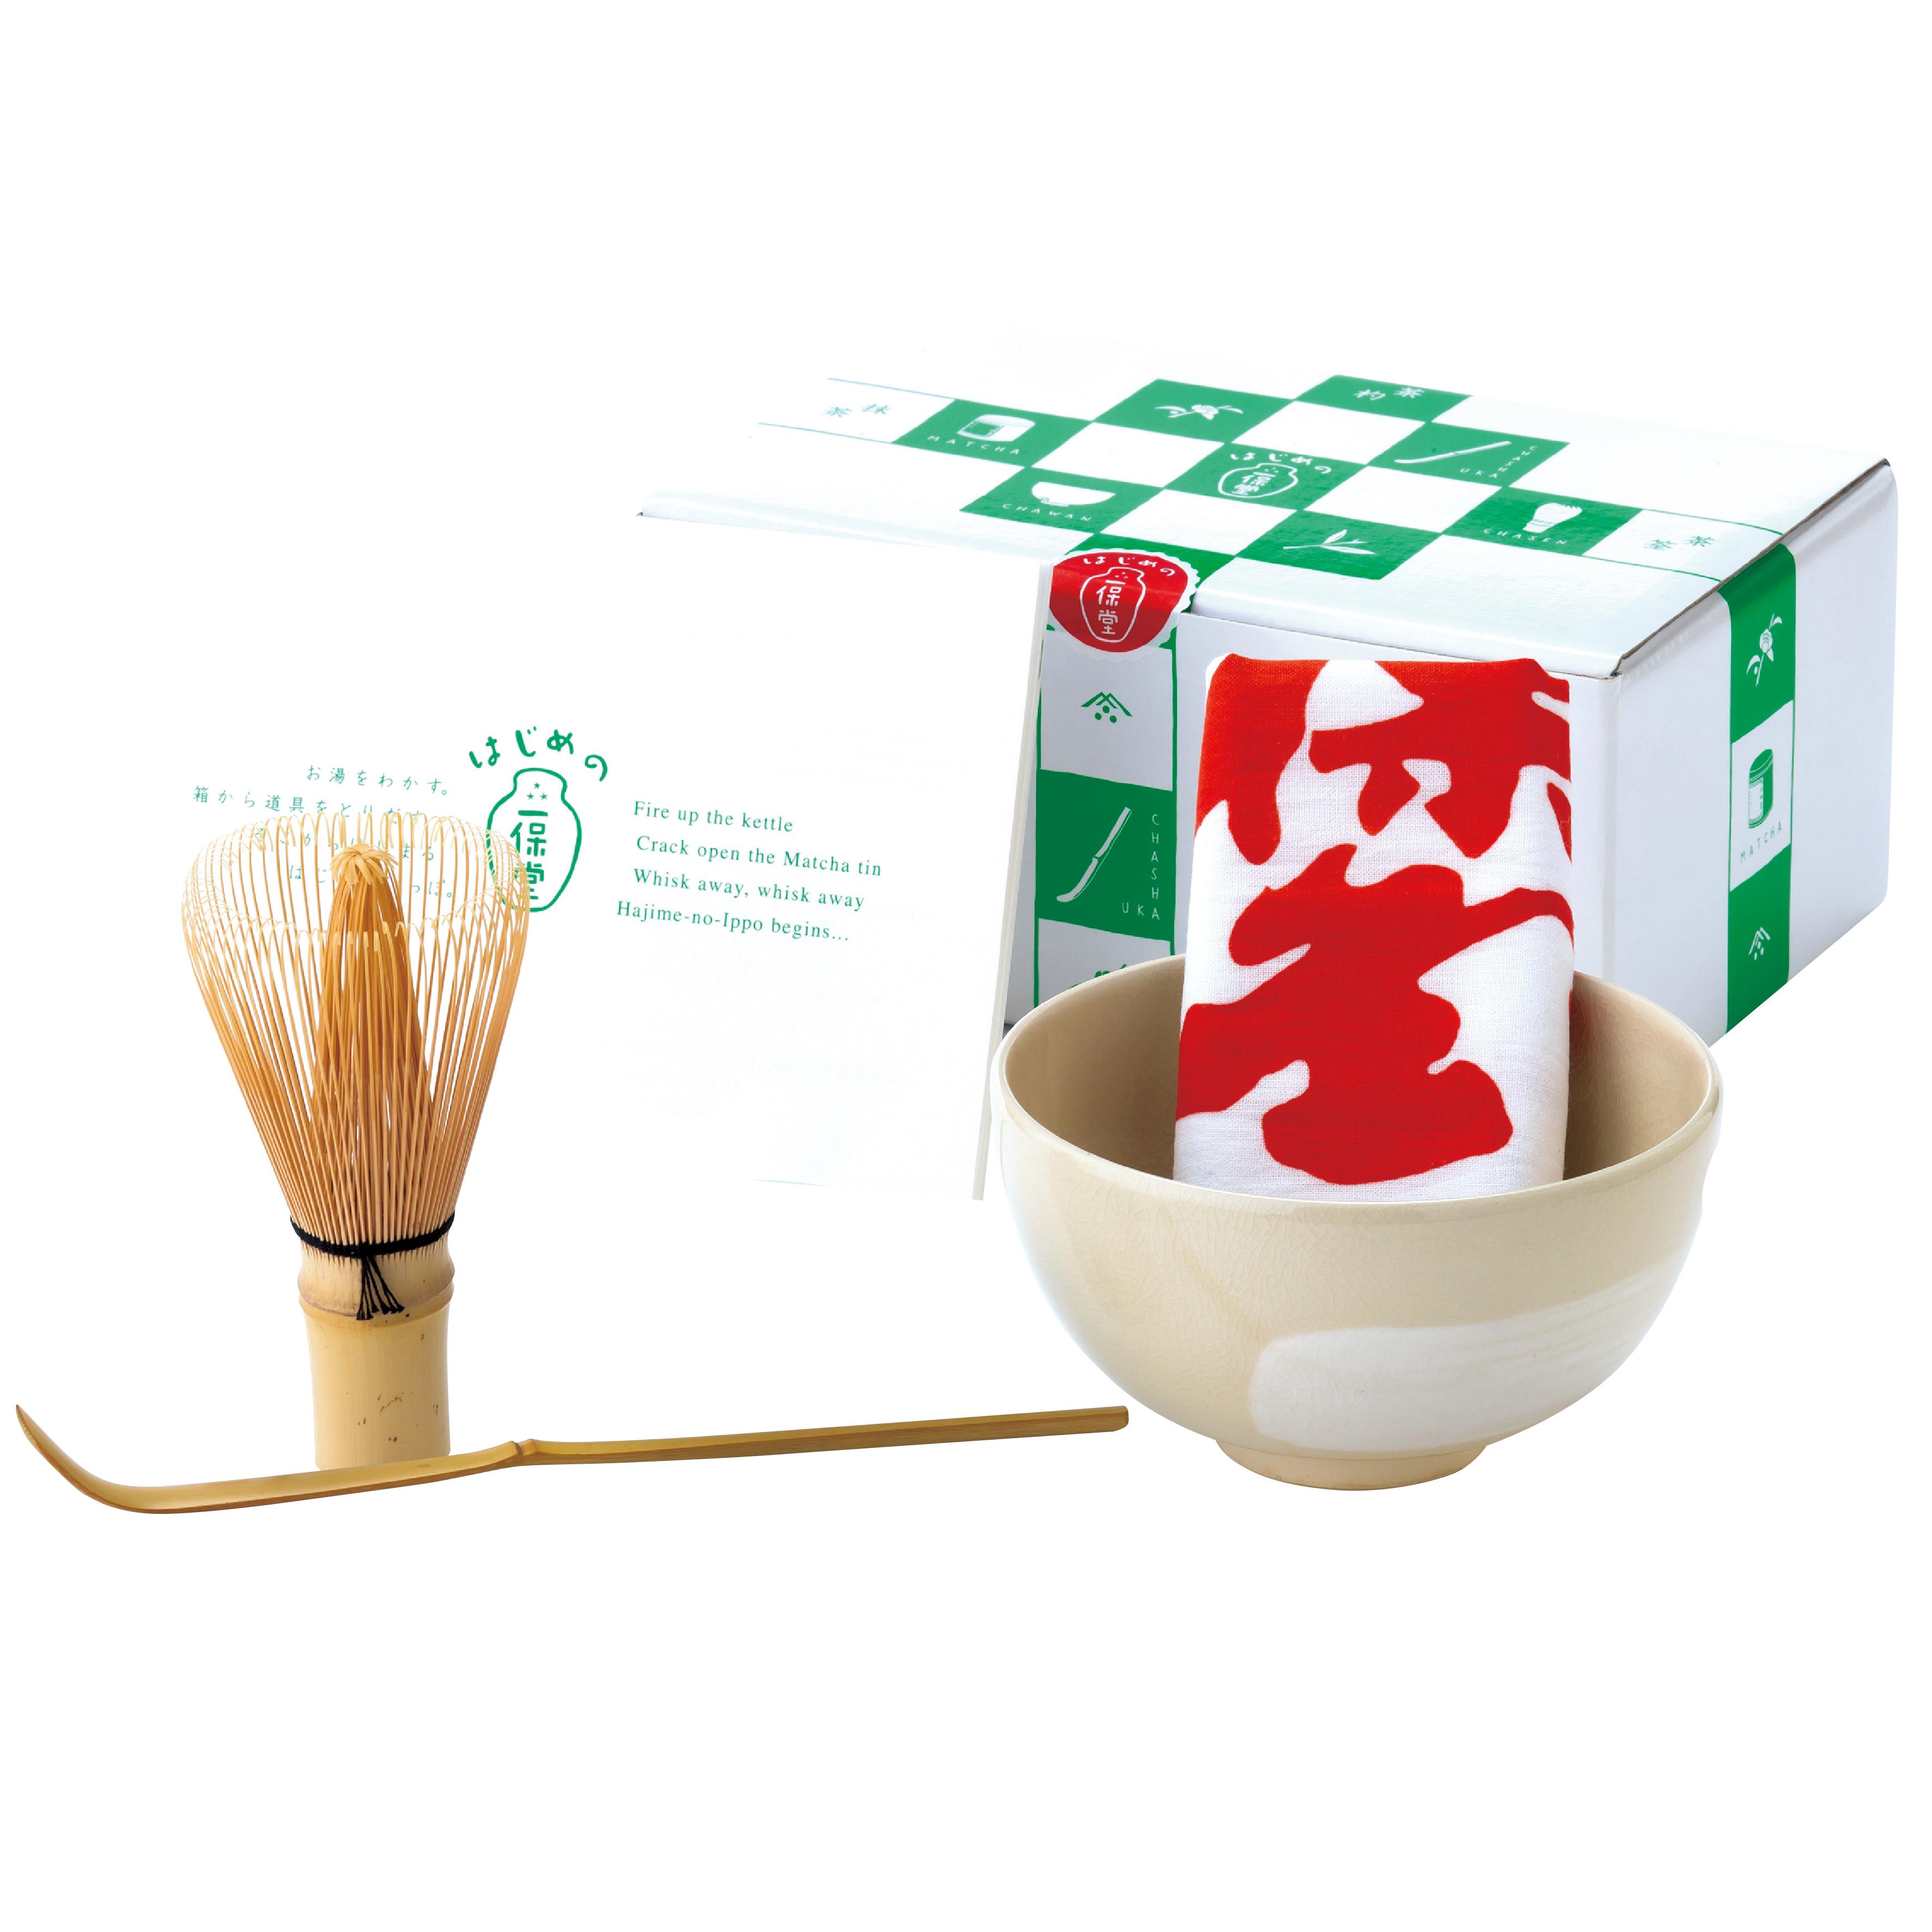 一保堂茶舖 最初特別版 (抹茶沖泡套裝)【9 - 19/2登場】 推廣價 $600